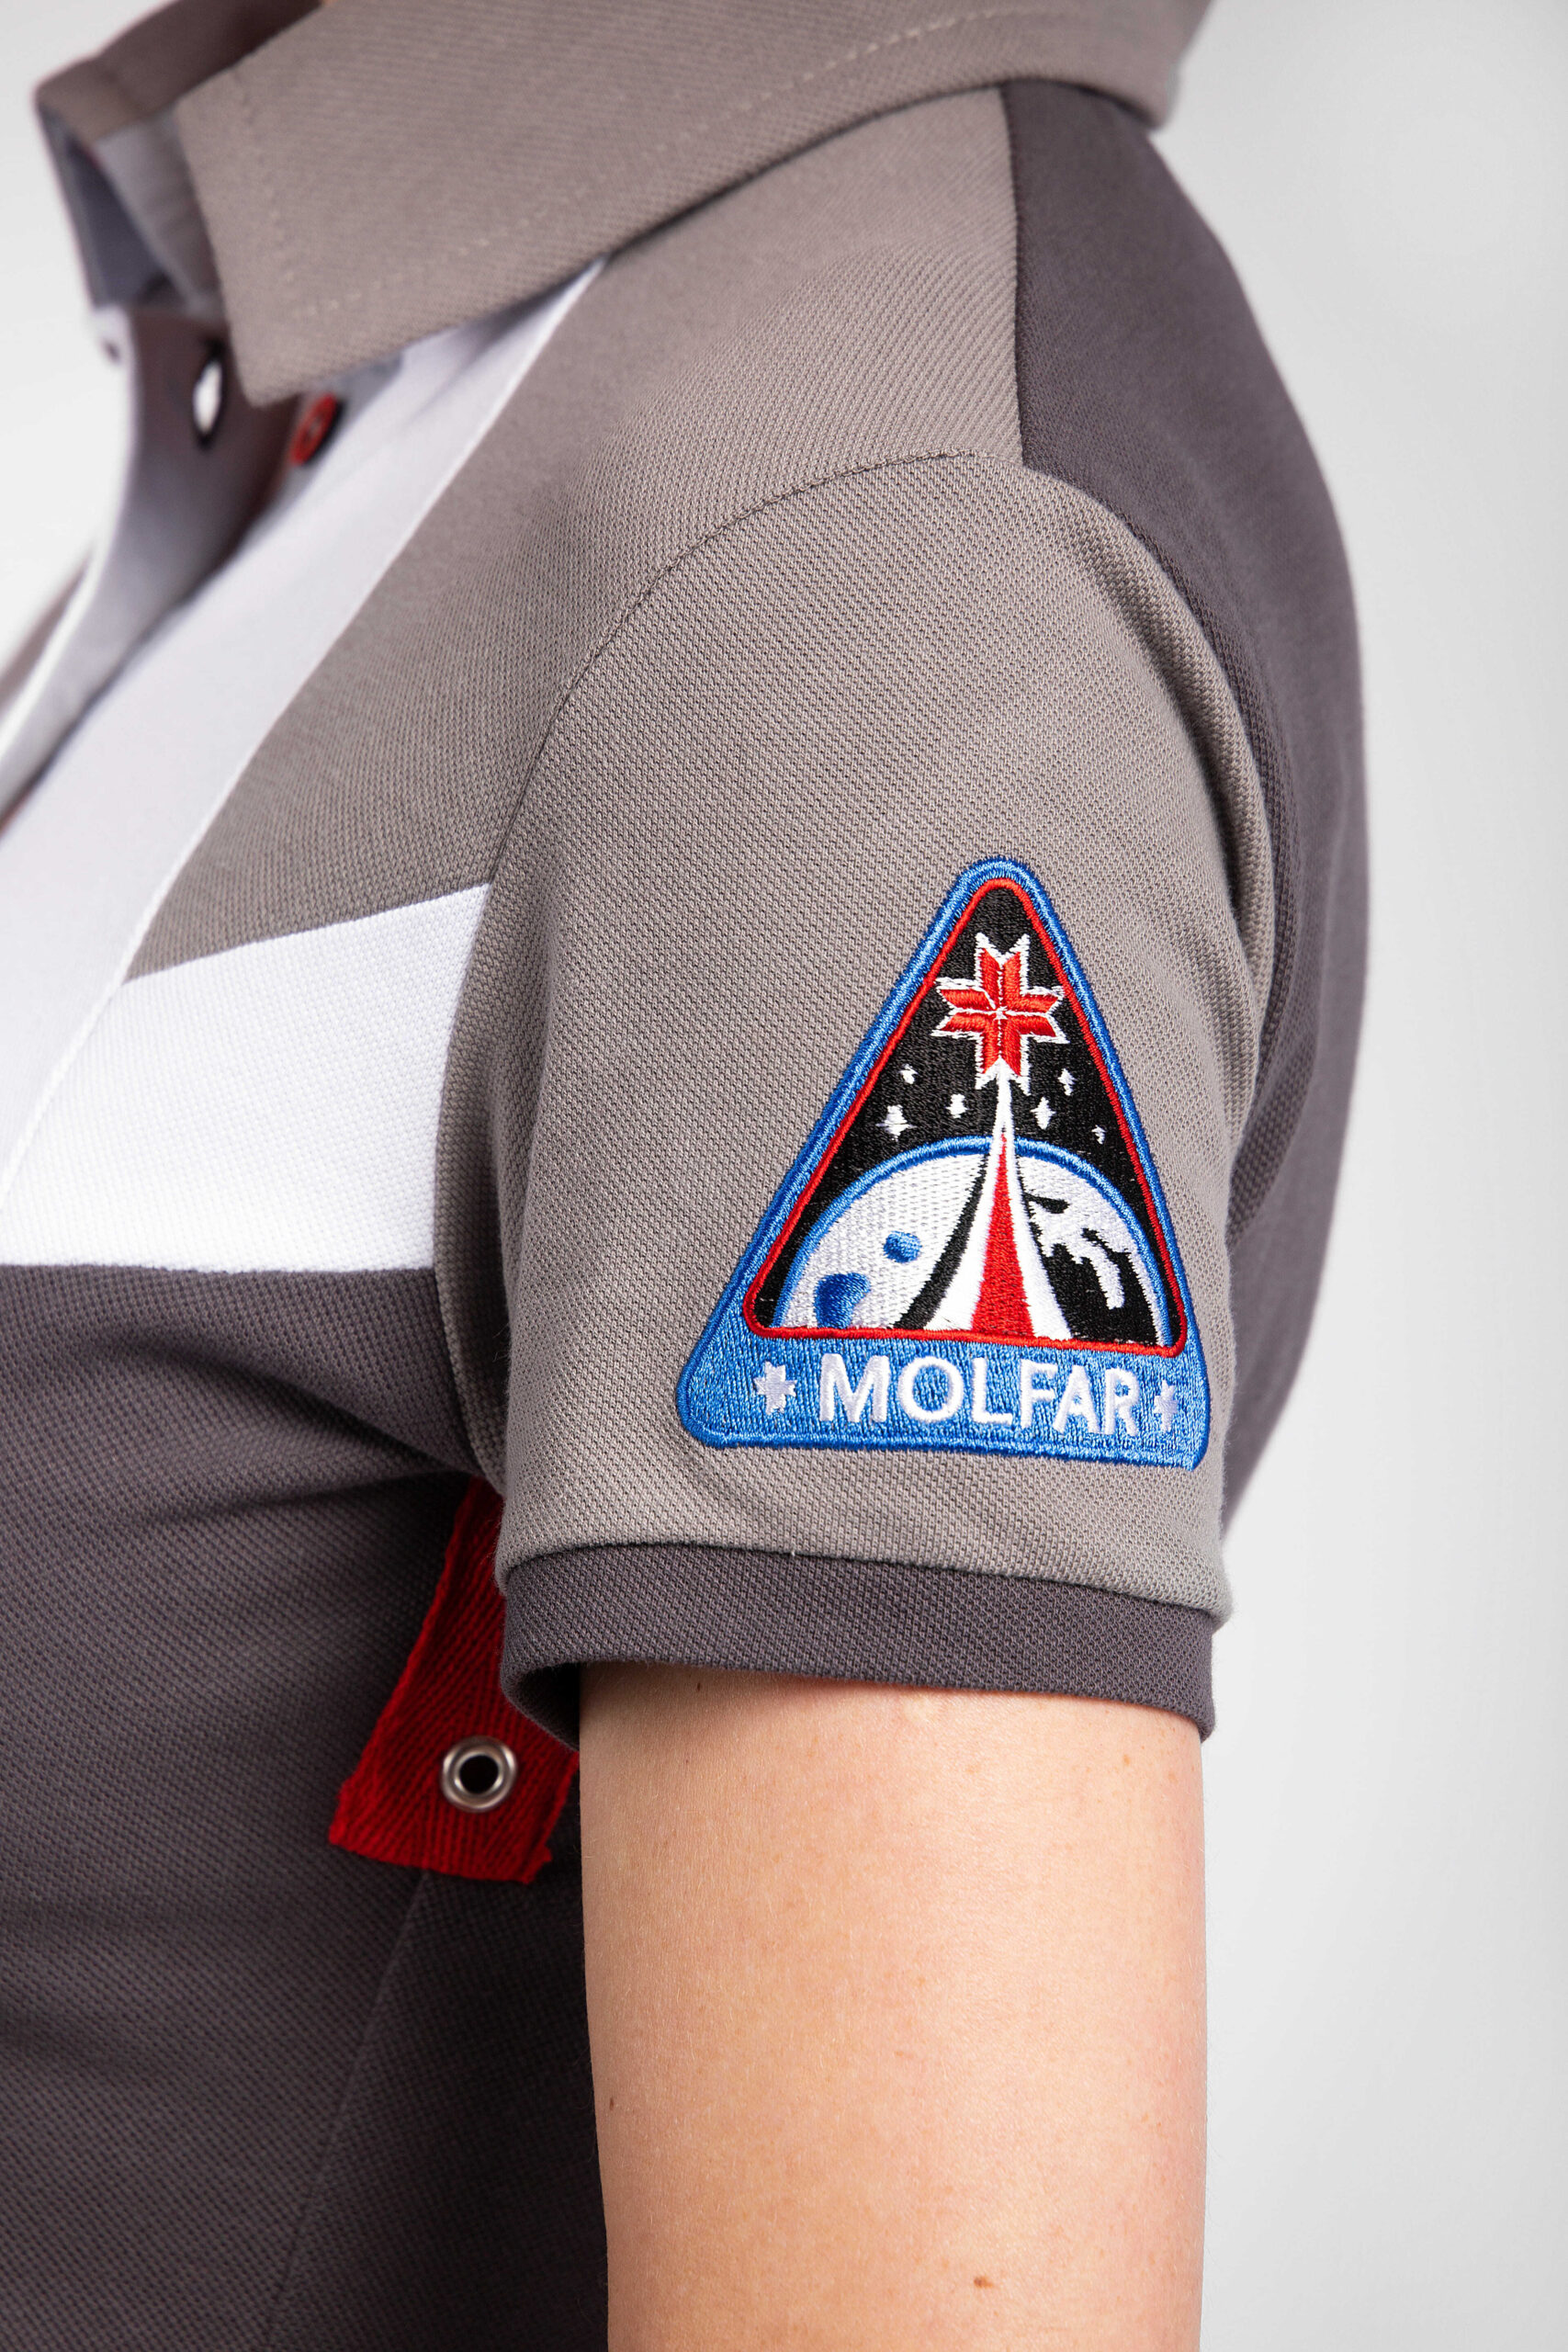 Жіноча Сукня-Поло Друга Експедиція Мольфарів. Колір темно-сірий.  Ця сукня є частиною фемілі луку —